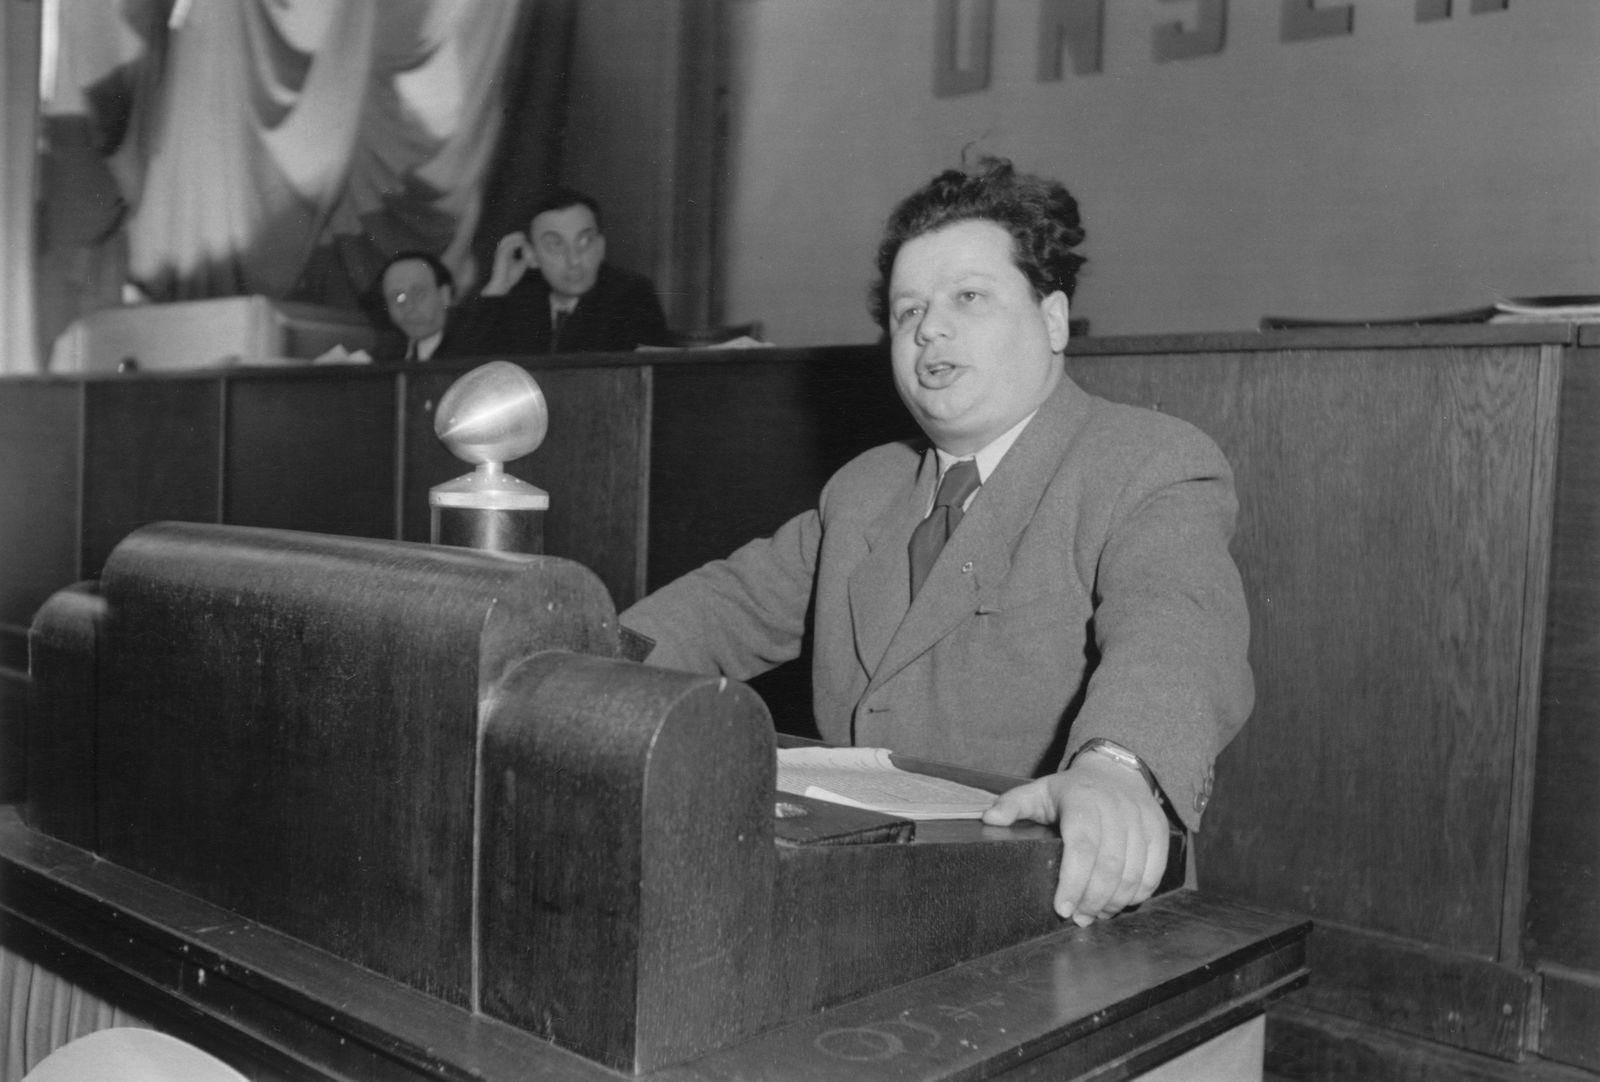 Hermann Axen, Mitglied des Zentralkomitees der SED, auf einer Pressekonferenz der SED